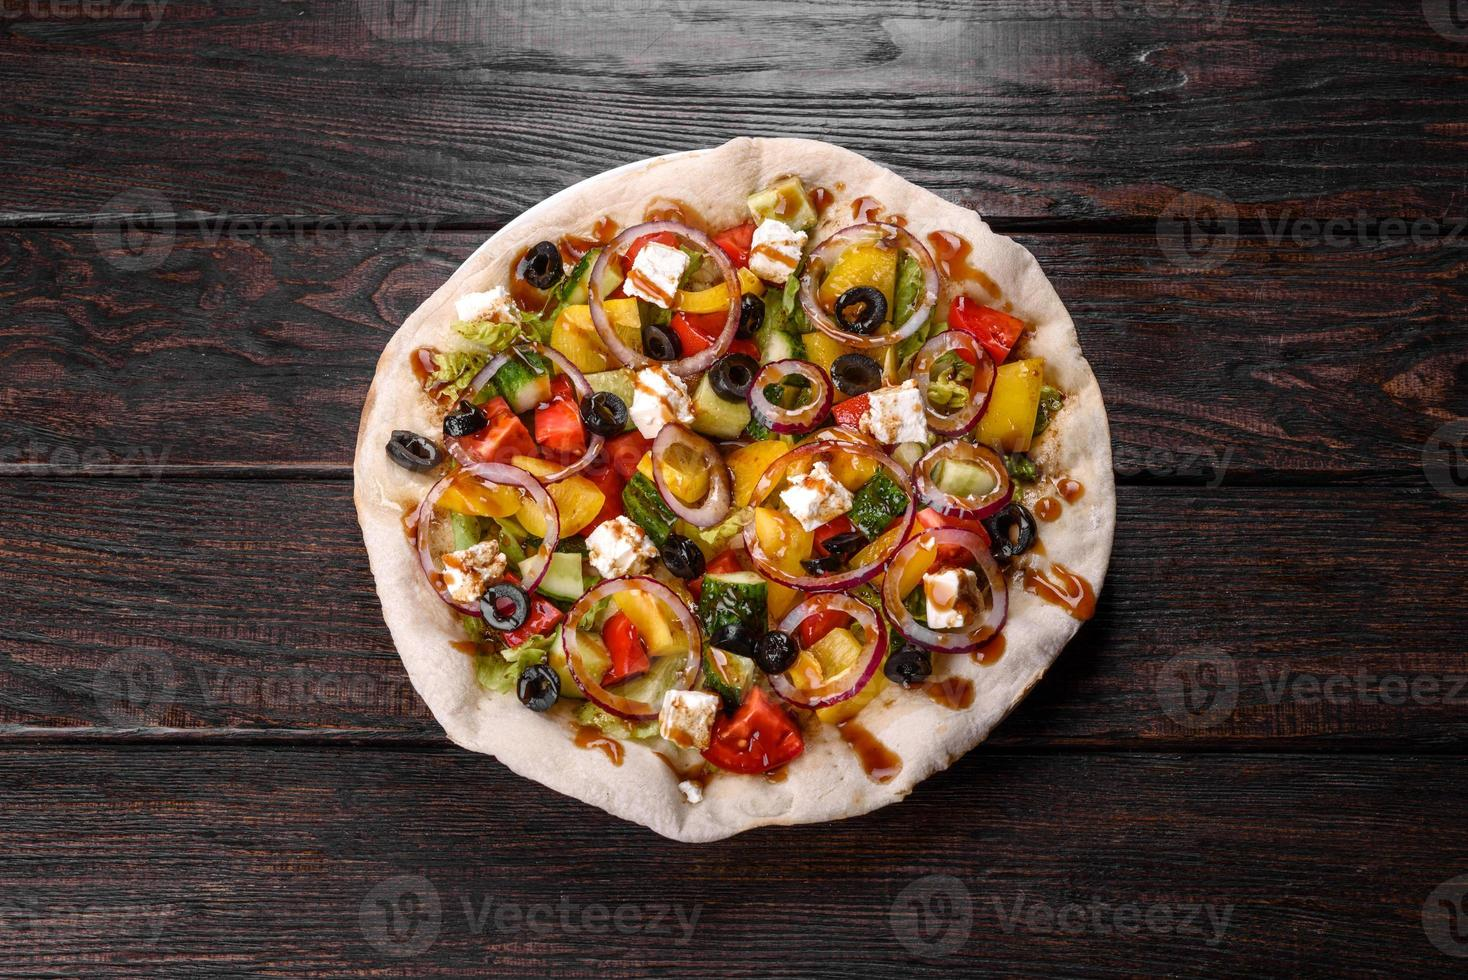 savoureuse salade grecque fraîche sur un pita cuit pour une table de fête photo